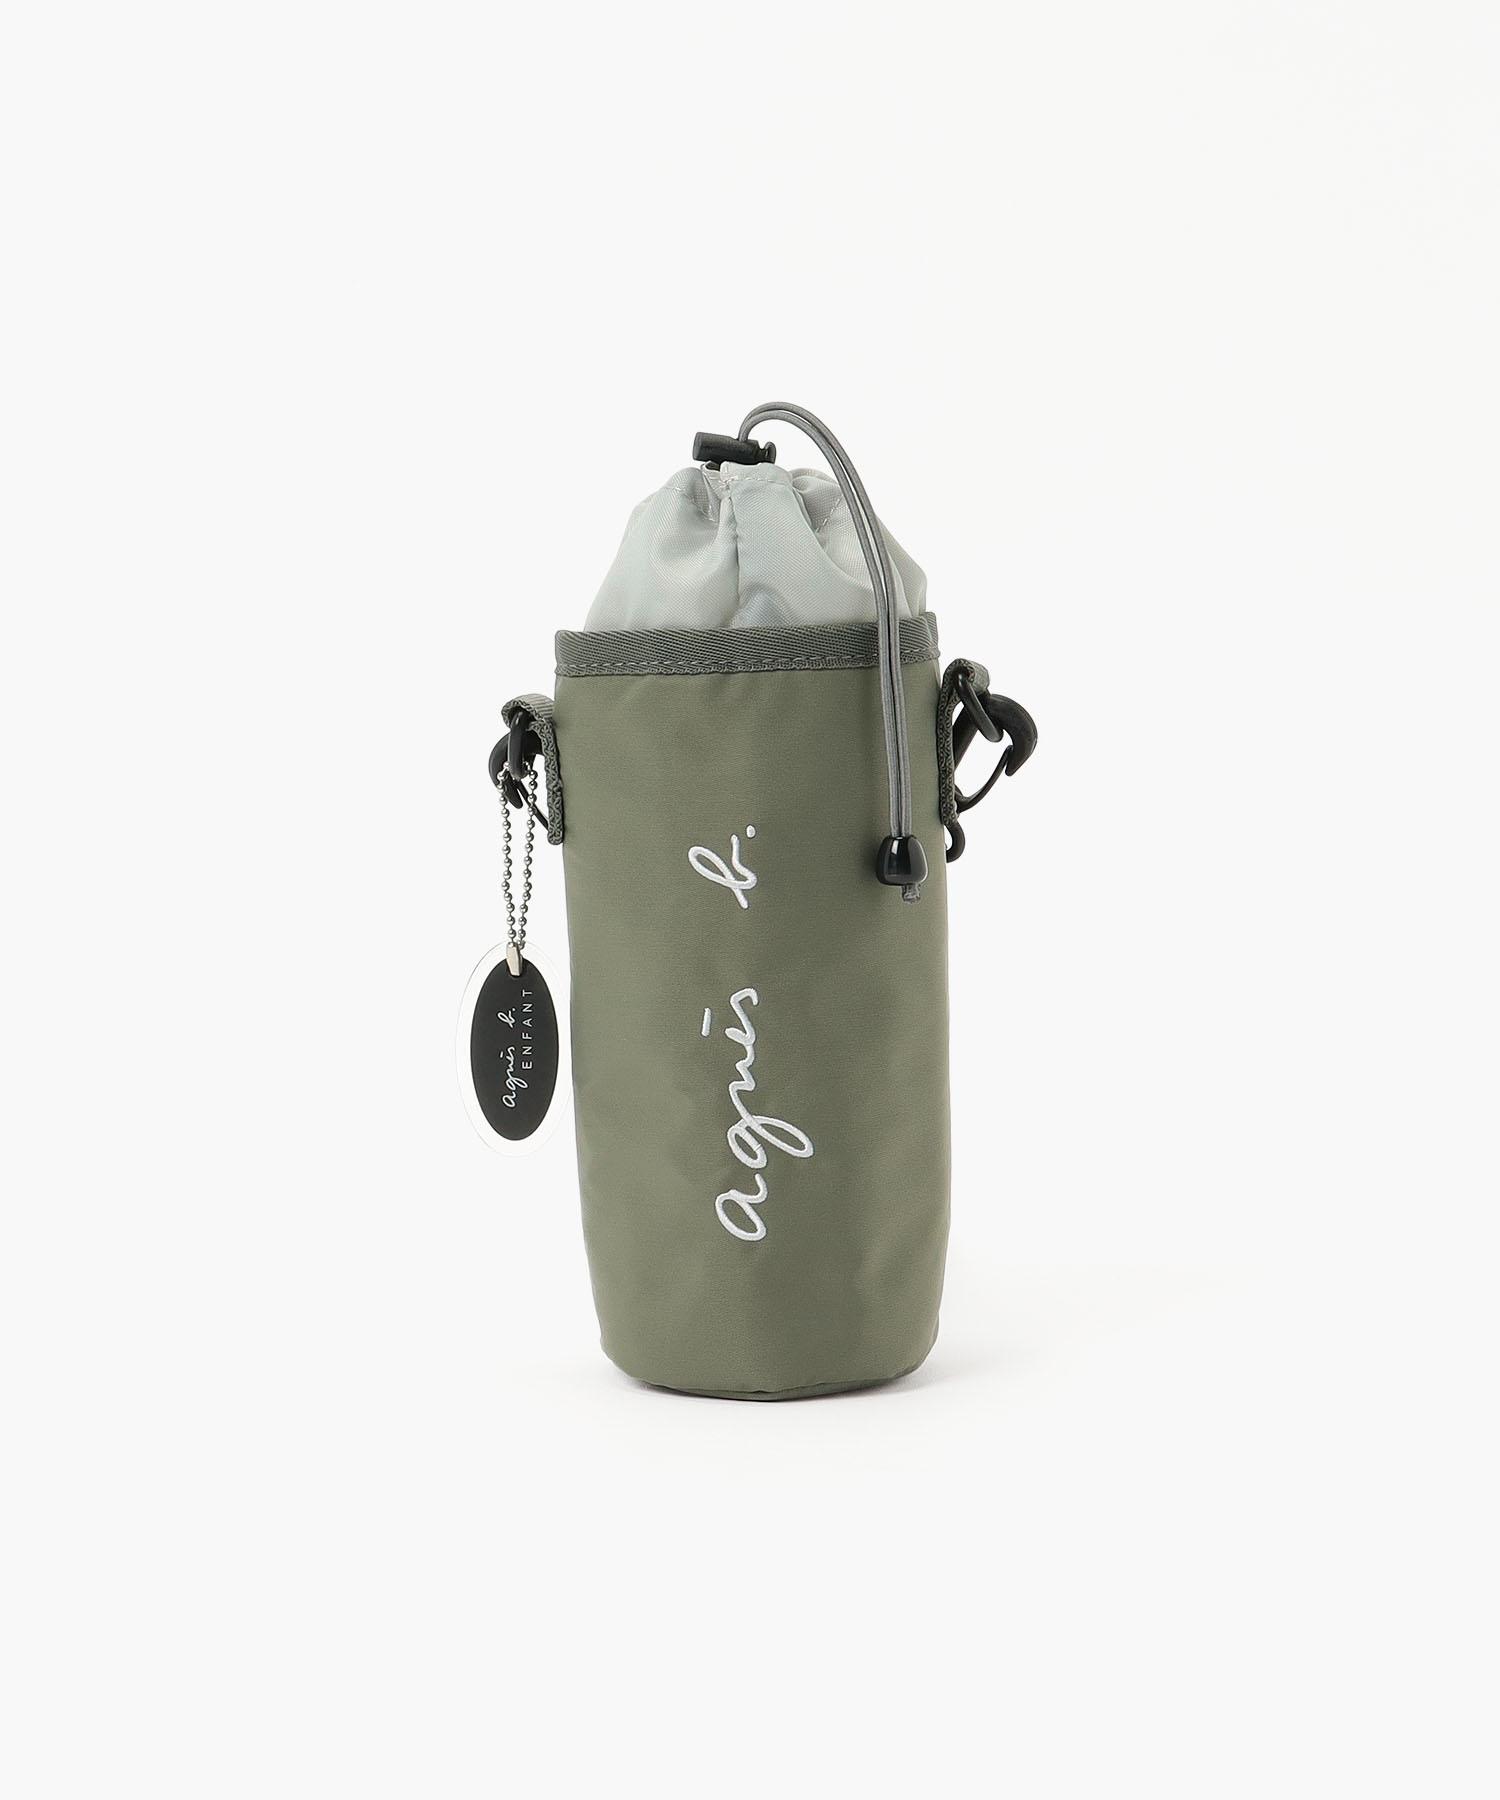 GL11 E BOTTLE HOLDER ロゴ刺繍 ドリンクホルダー